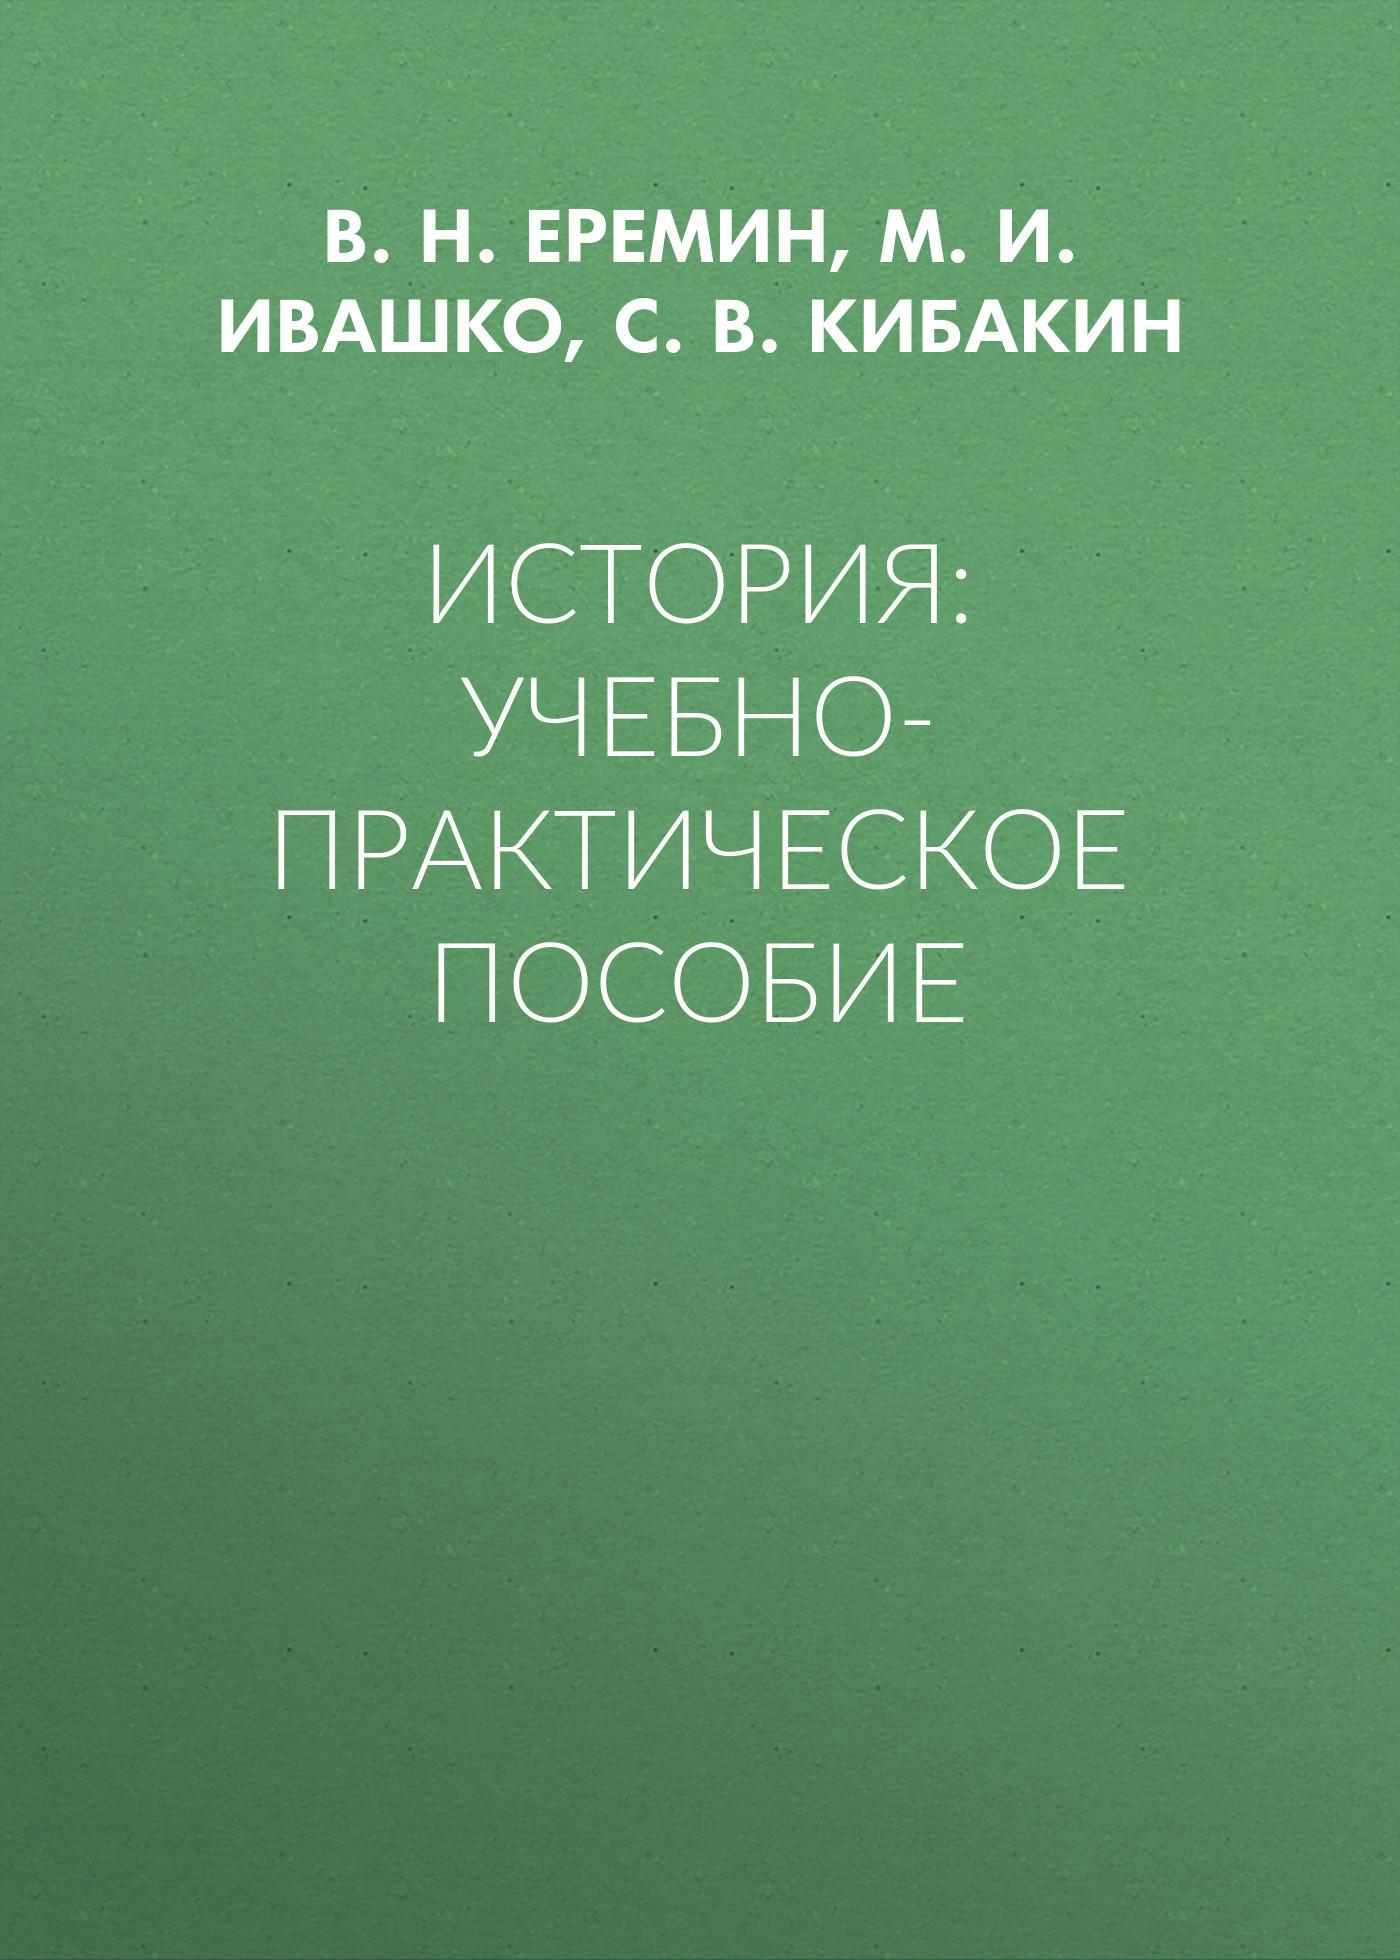 Сергей Кибакин, Владимир Еремин - История: Учебно-практическое пособие